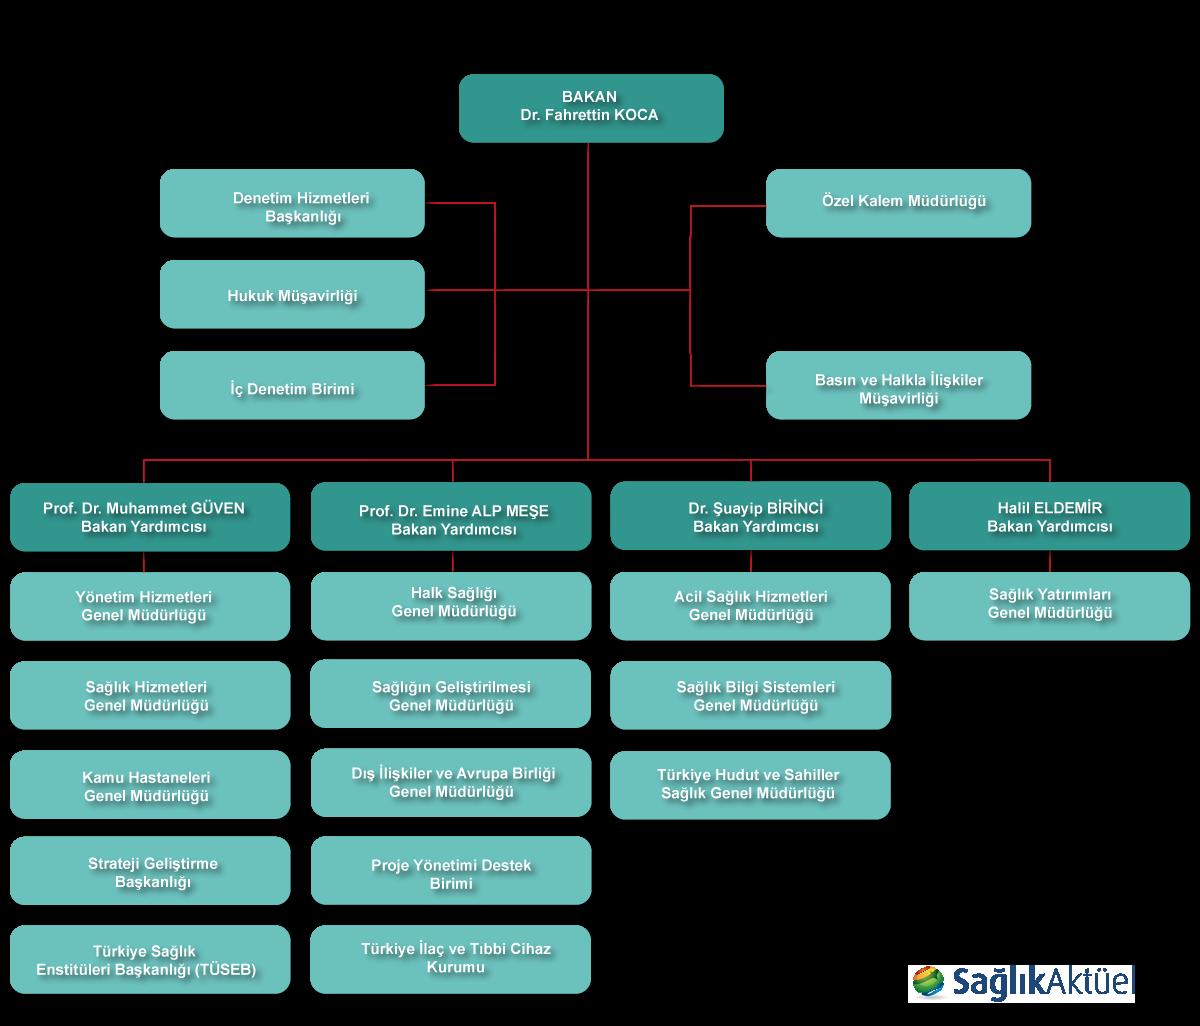 Sağlık Bakanlığı teşkilat şeması